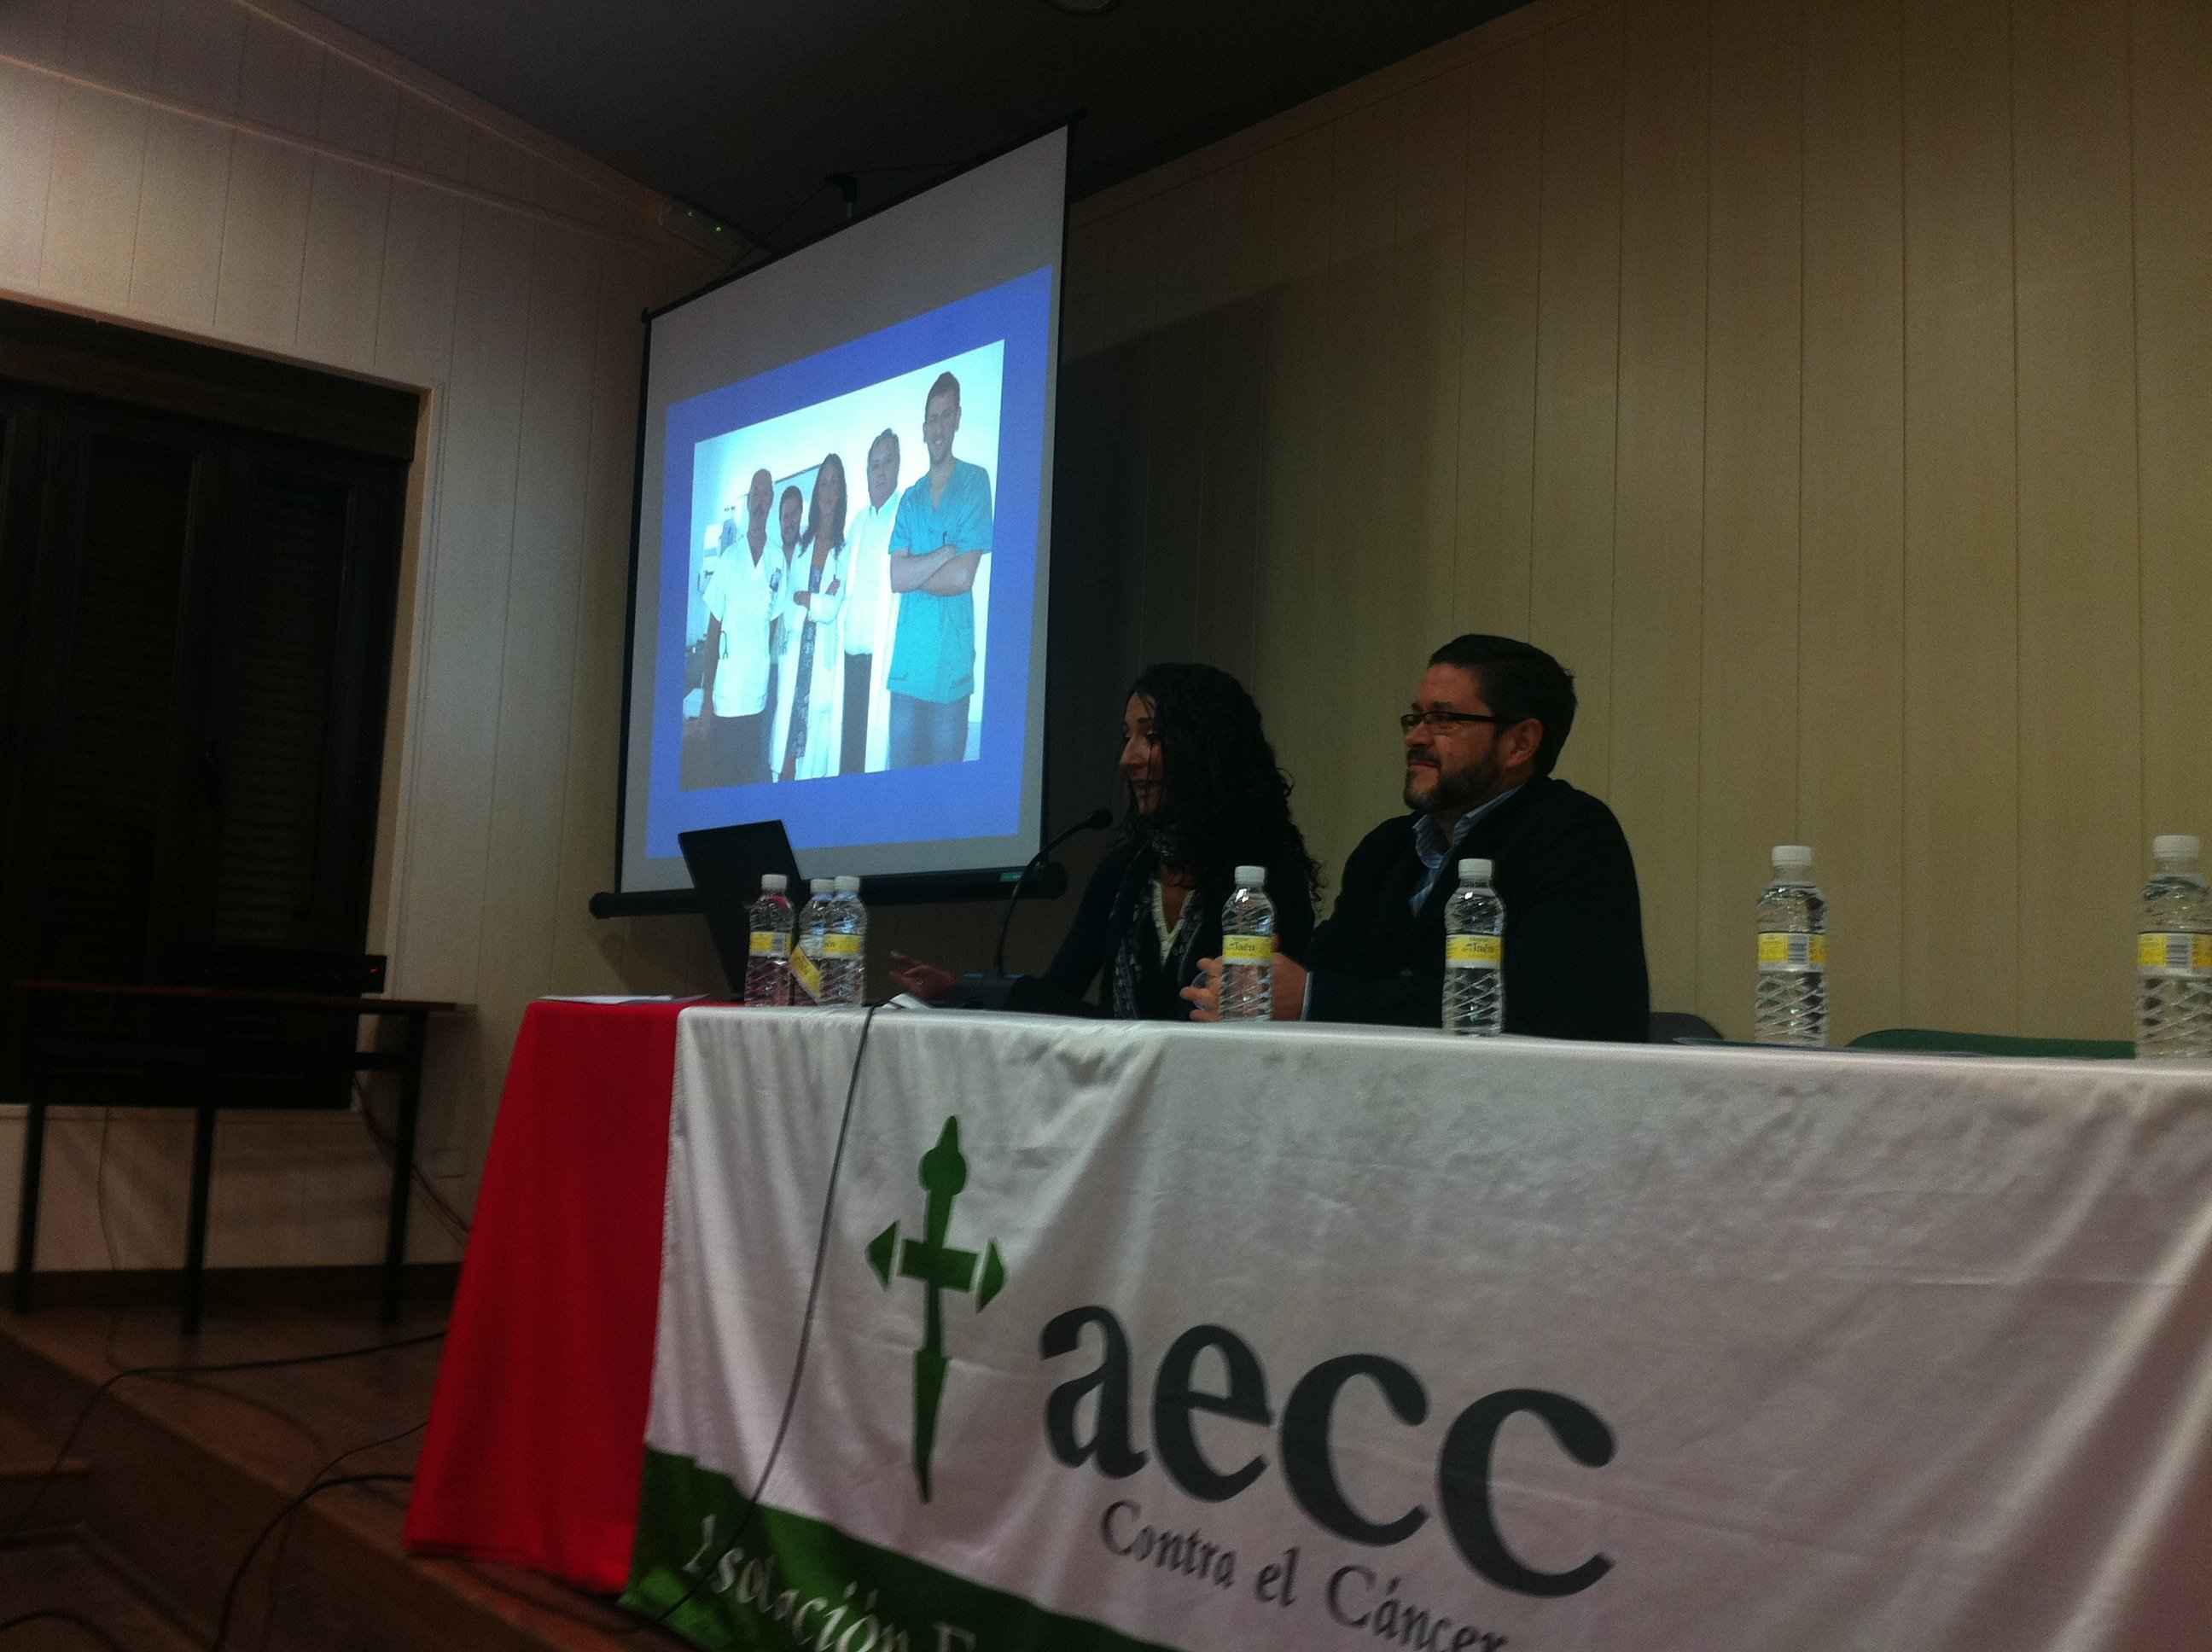 Asociación Española Cancer